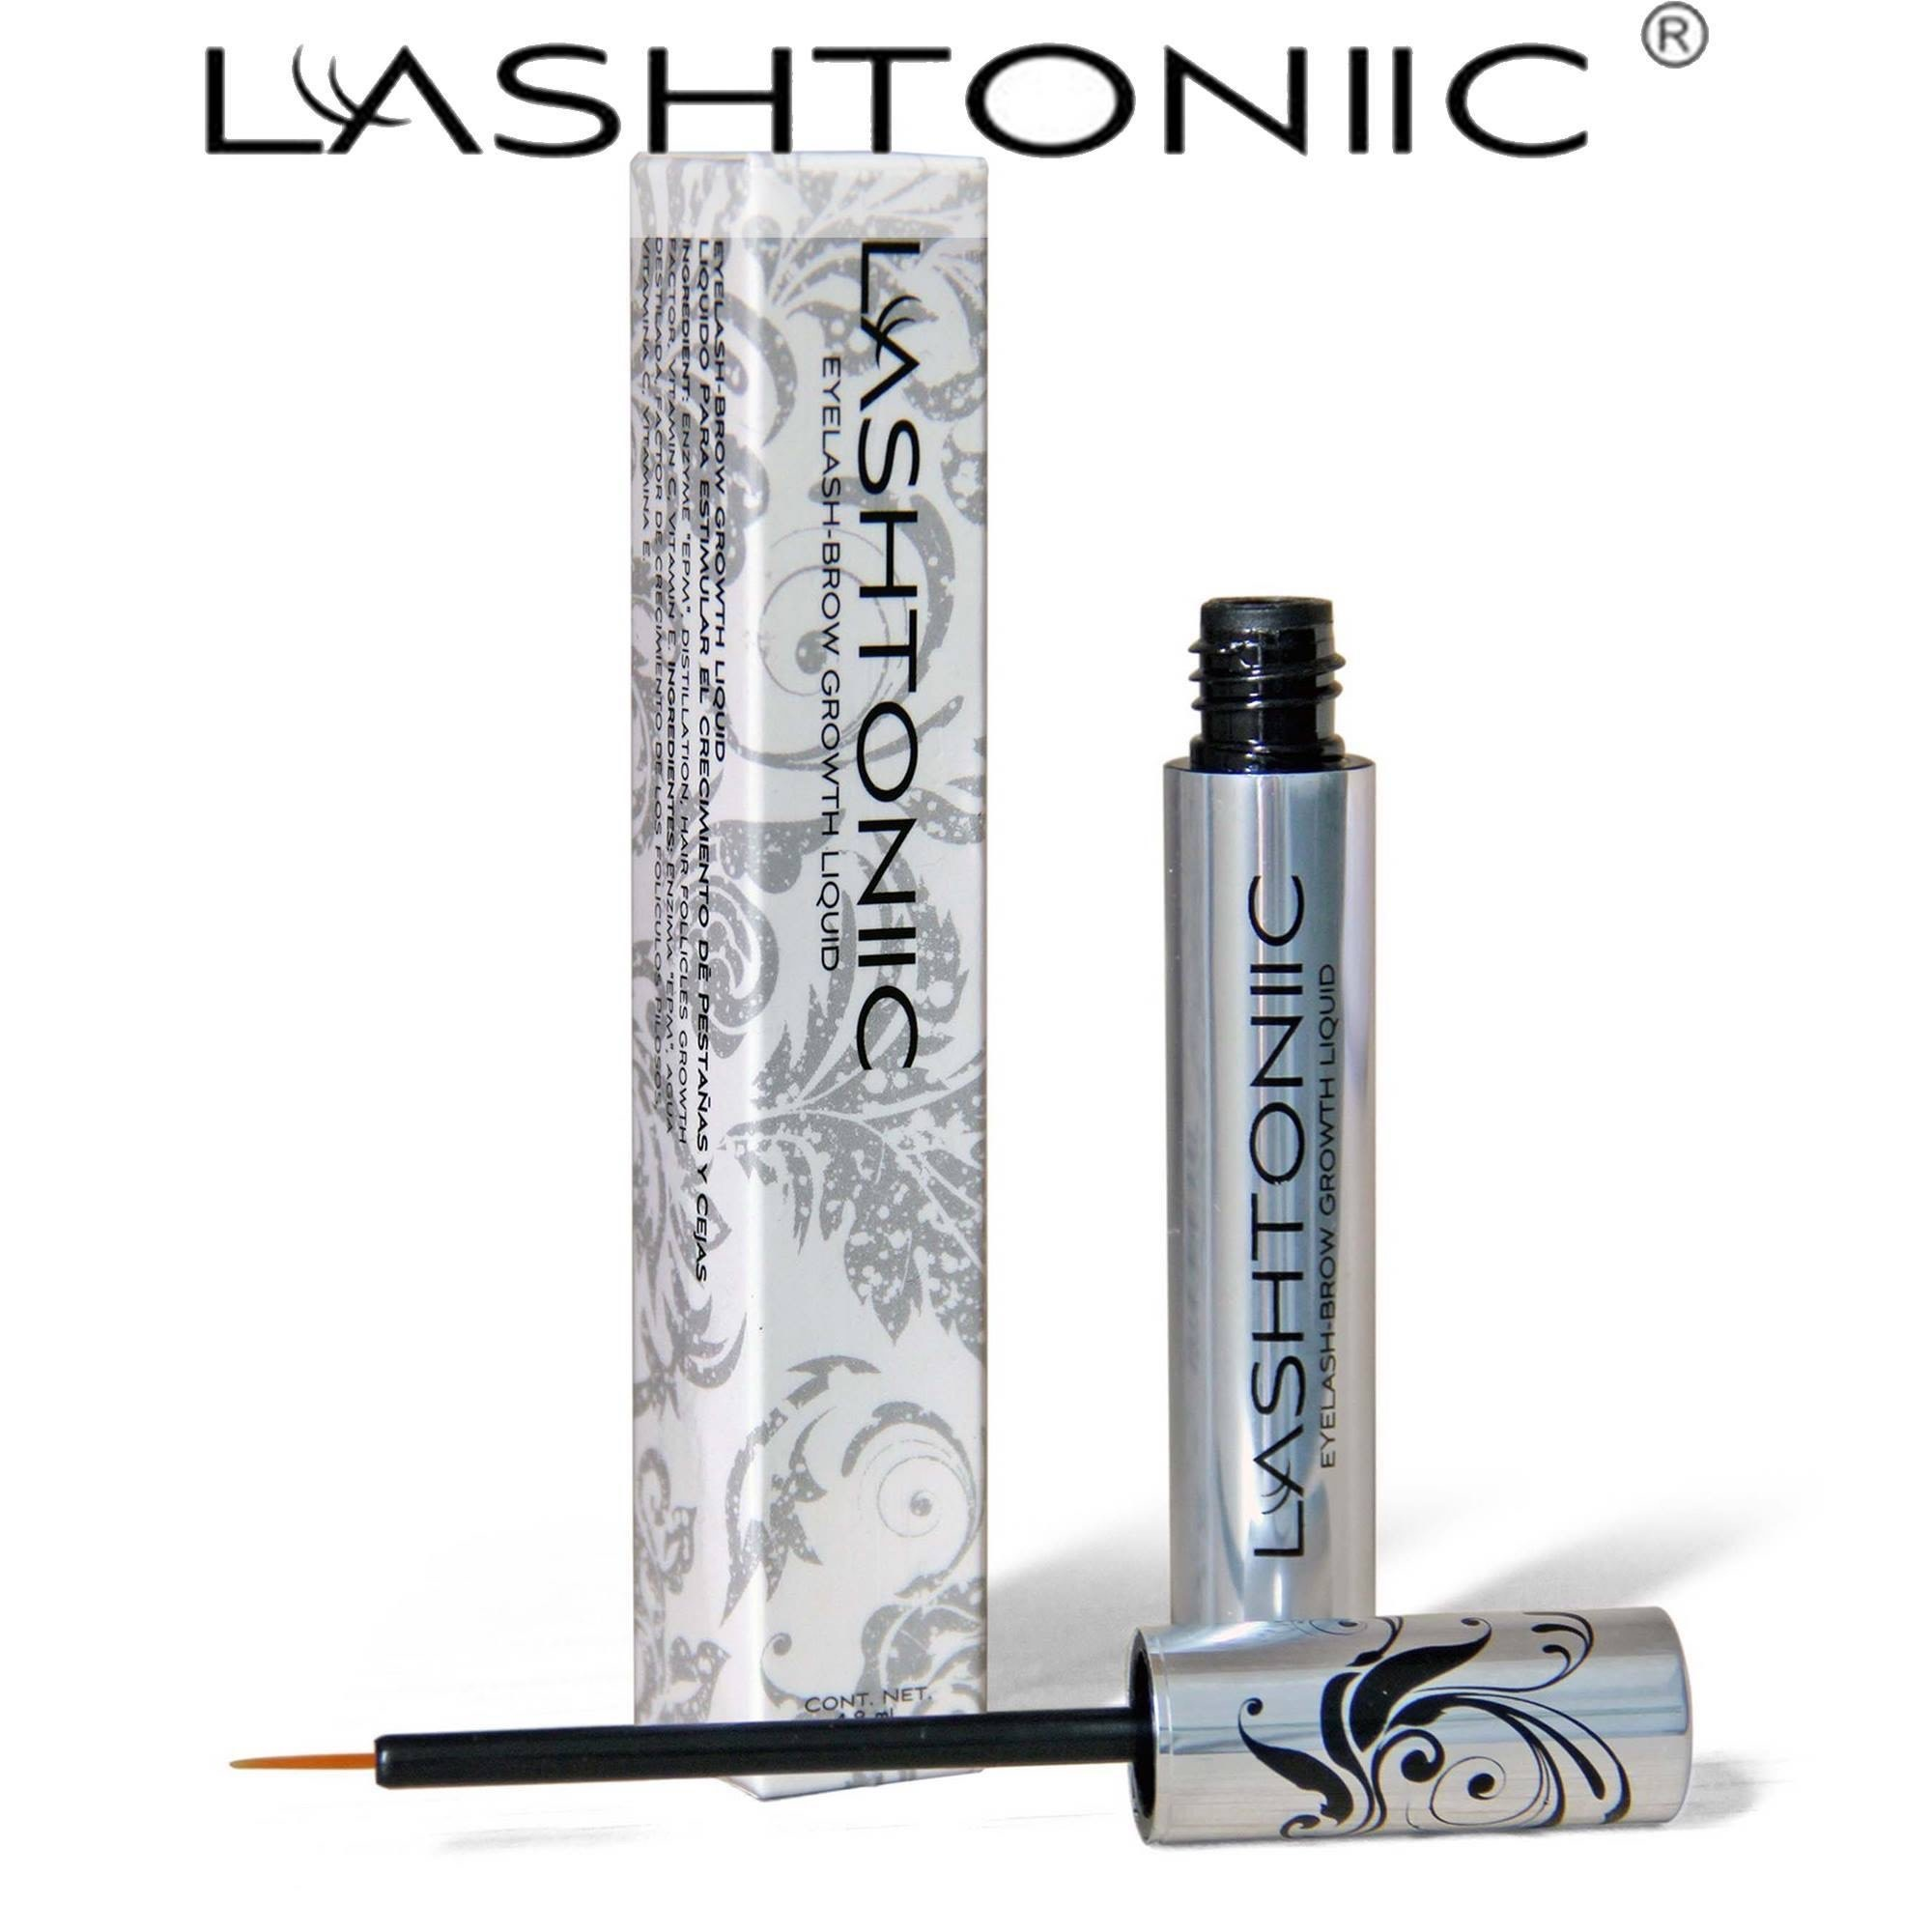 Lashtroniic LASHTONIIC : Sérum de croissance pour cils et sourcils